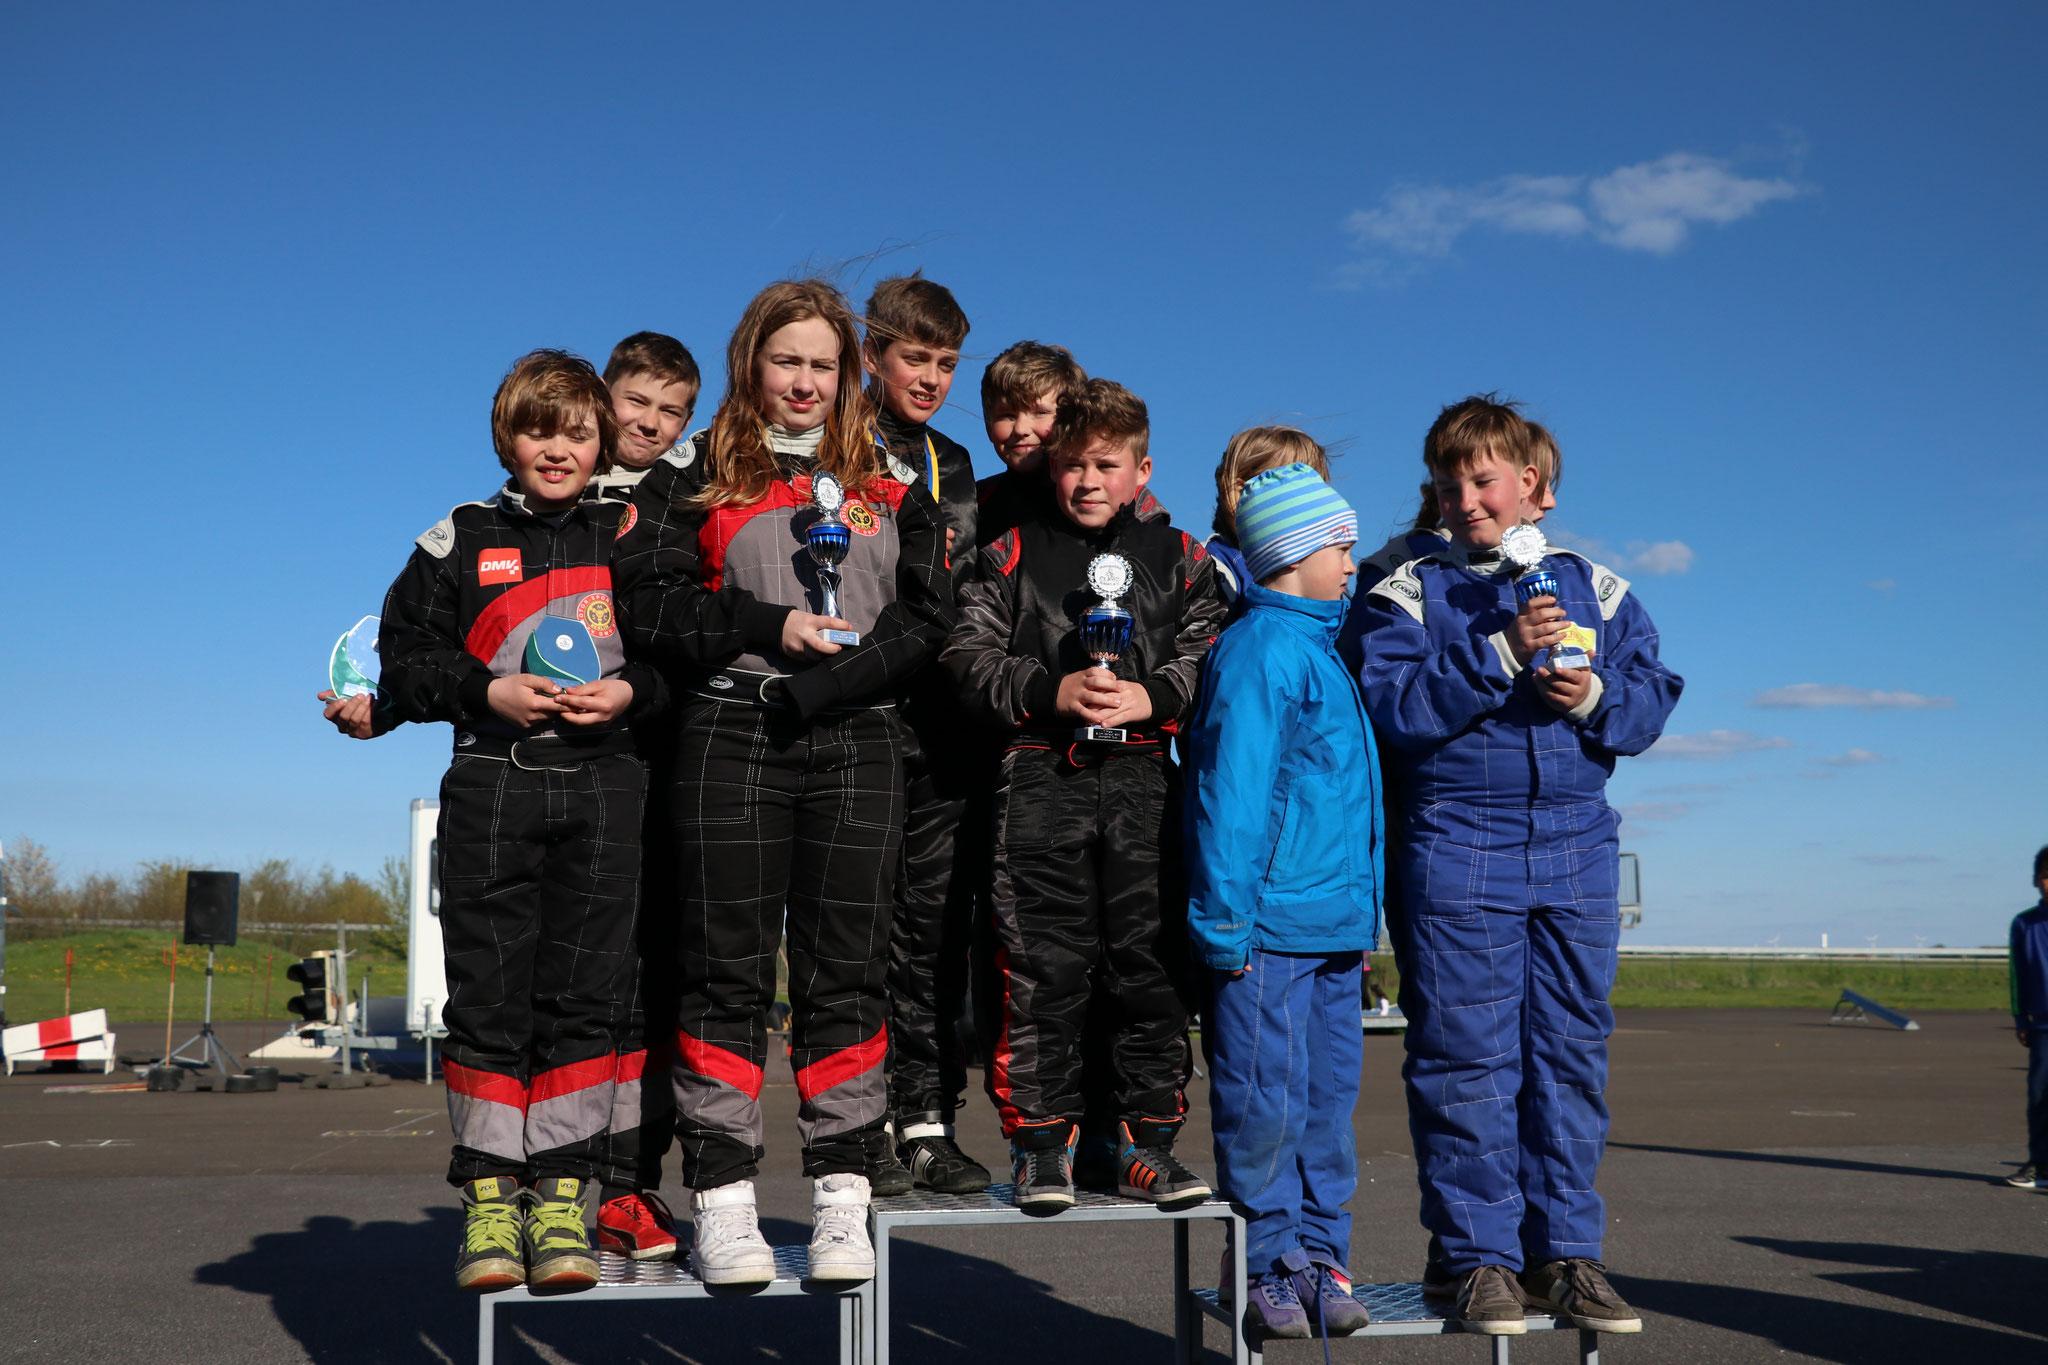 Die Young Star Mannschaft auf Platz 1 mit den Fahrern Norick Meyer, Luca-Finn Hadeler und Justin Gensow (& Lars von Holt)